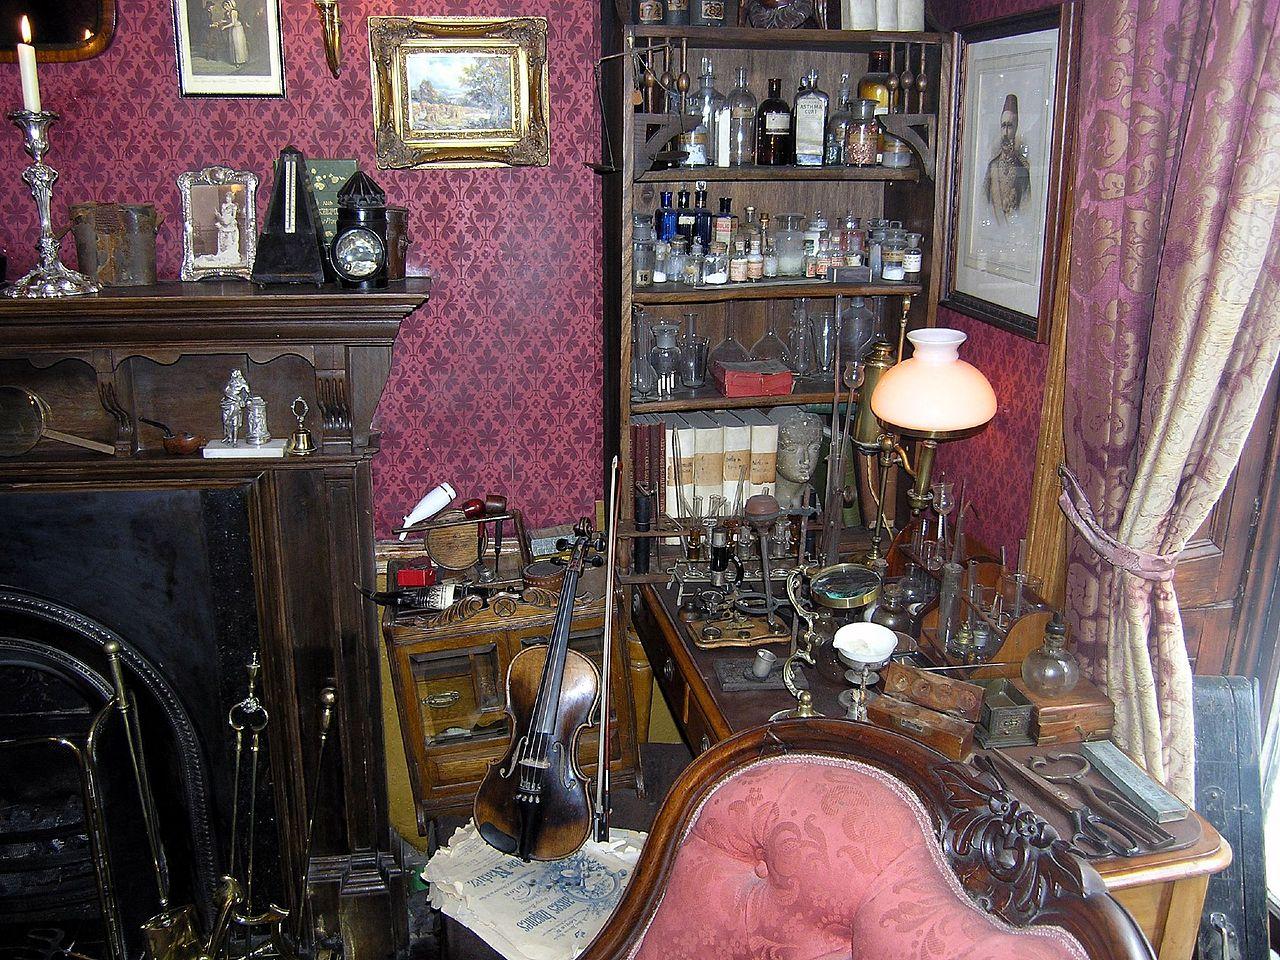 Музей Шерлока Холмса в Лондоне, скрикпа и камин